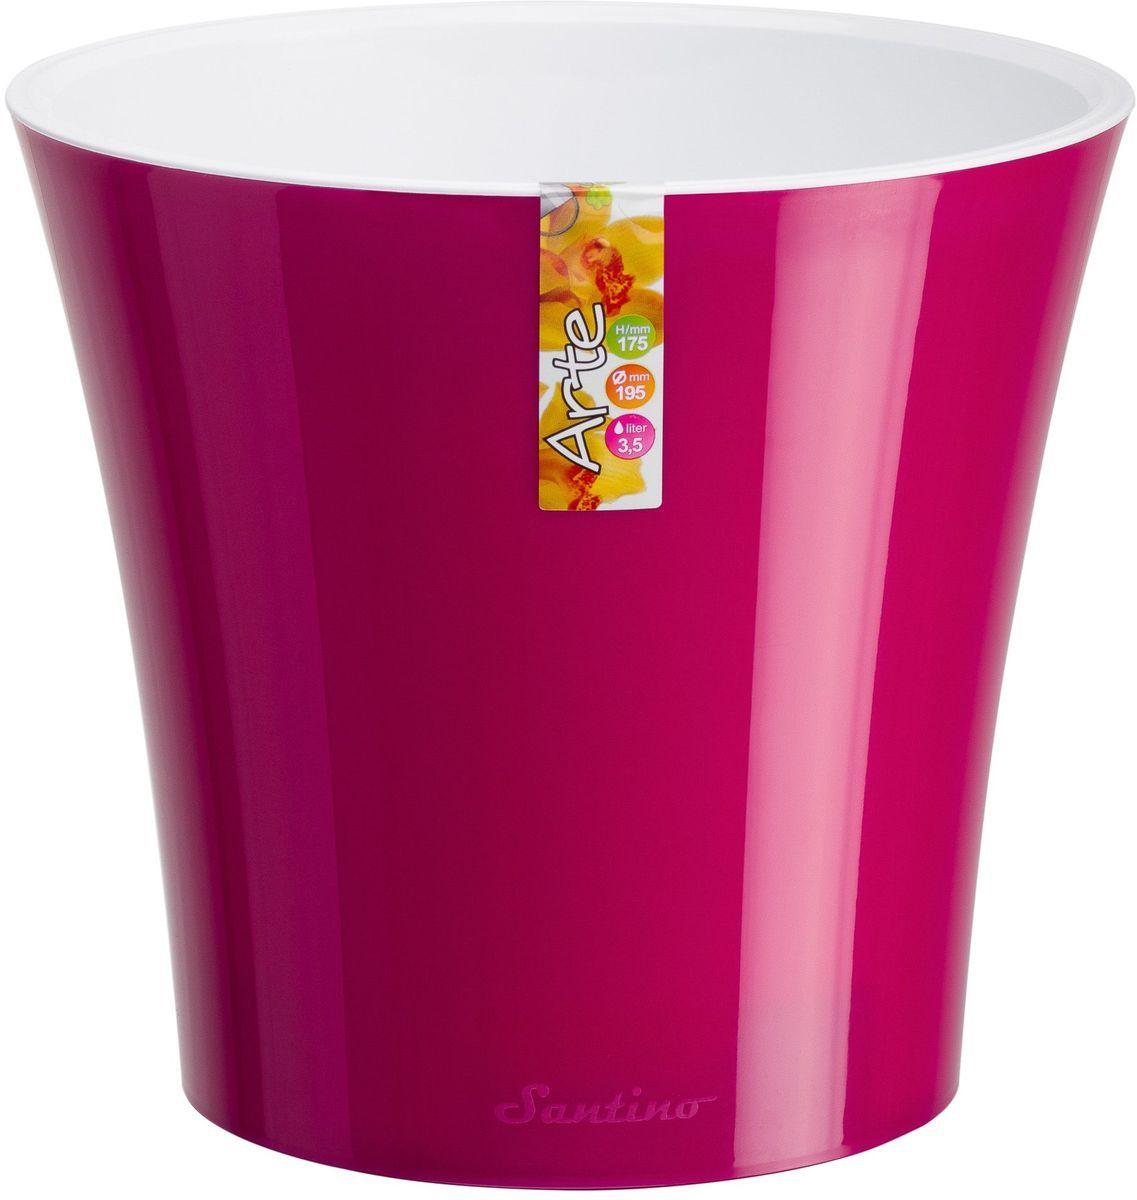 Горшок цветочный Santino Арте, двойной, с системой автополива, цвет: лиловый, белый, 3,5 лАРТ 3,5 Л-БГоршок цветочный Santino Арте снабжен дренажной системой и состоит из кашпо и вазона-вкладыша. Изготовлен из пластика. Особенность: тарелочка или блюдце не нужны. Горшок предназначен для любых растений или цветов. Цветочный дренаж – это система, которая позволяет выводить лишнюю влагу через корневую систему цветка и слой почвы. Растение – это живой организм, следовательно, ему необходимо дышать. В доступе к кислороду нуждаются все части растения: -листья; -корневая система. Если цветовод по какой-либо причине зальет цветок водой, то она буквально вытеснит из почвенного слоя все пузырьки кислорода. Анаэробная среда способствует развитию различного рода бактерий. Безвоздушная среда приводит к загниванию корневой системы, цветок в результате увядает. Суть работы дренажной системы заключается в том, чтобы осуществлять отвод лишней влаги от растения и давать возможность корневой системе дышать без проблем. Следовательно, каждому цветку необходимо: -иметь в основании цветочного горшочка хотя бы одно небольшое дренажное отверстие. Оно необходимо для того, чтобы через него выходила лишняя вода, плюс ко всему это отверстие дает возможность циркулировать воздух. -на самом дне горшка необходимо выложить слоем в 2-5 см (зависит от вида растения) дренаж.УВАЖАЕМЫЕ КЛИЕНТЫ!Обращаем ваше внимание на тот факт, что фото изделия служит для визуального восприятия товара. Литраж и размеры, представленные на этикетке товара, могут по факту отличаться от реальных. Корректные данные в поле Размеры.